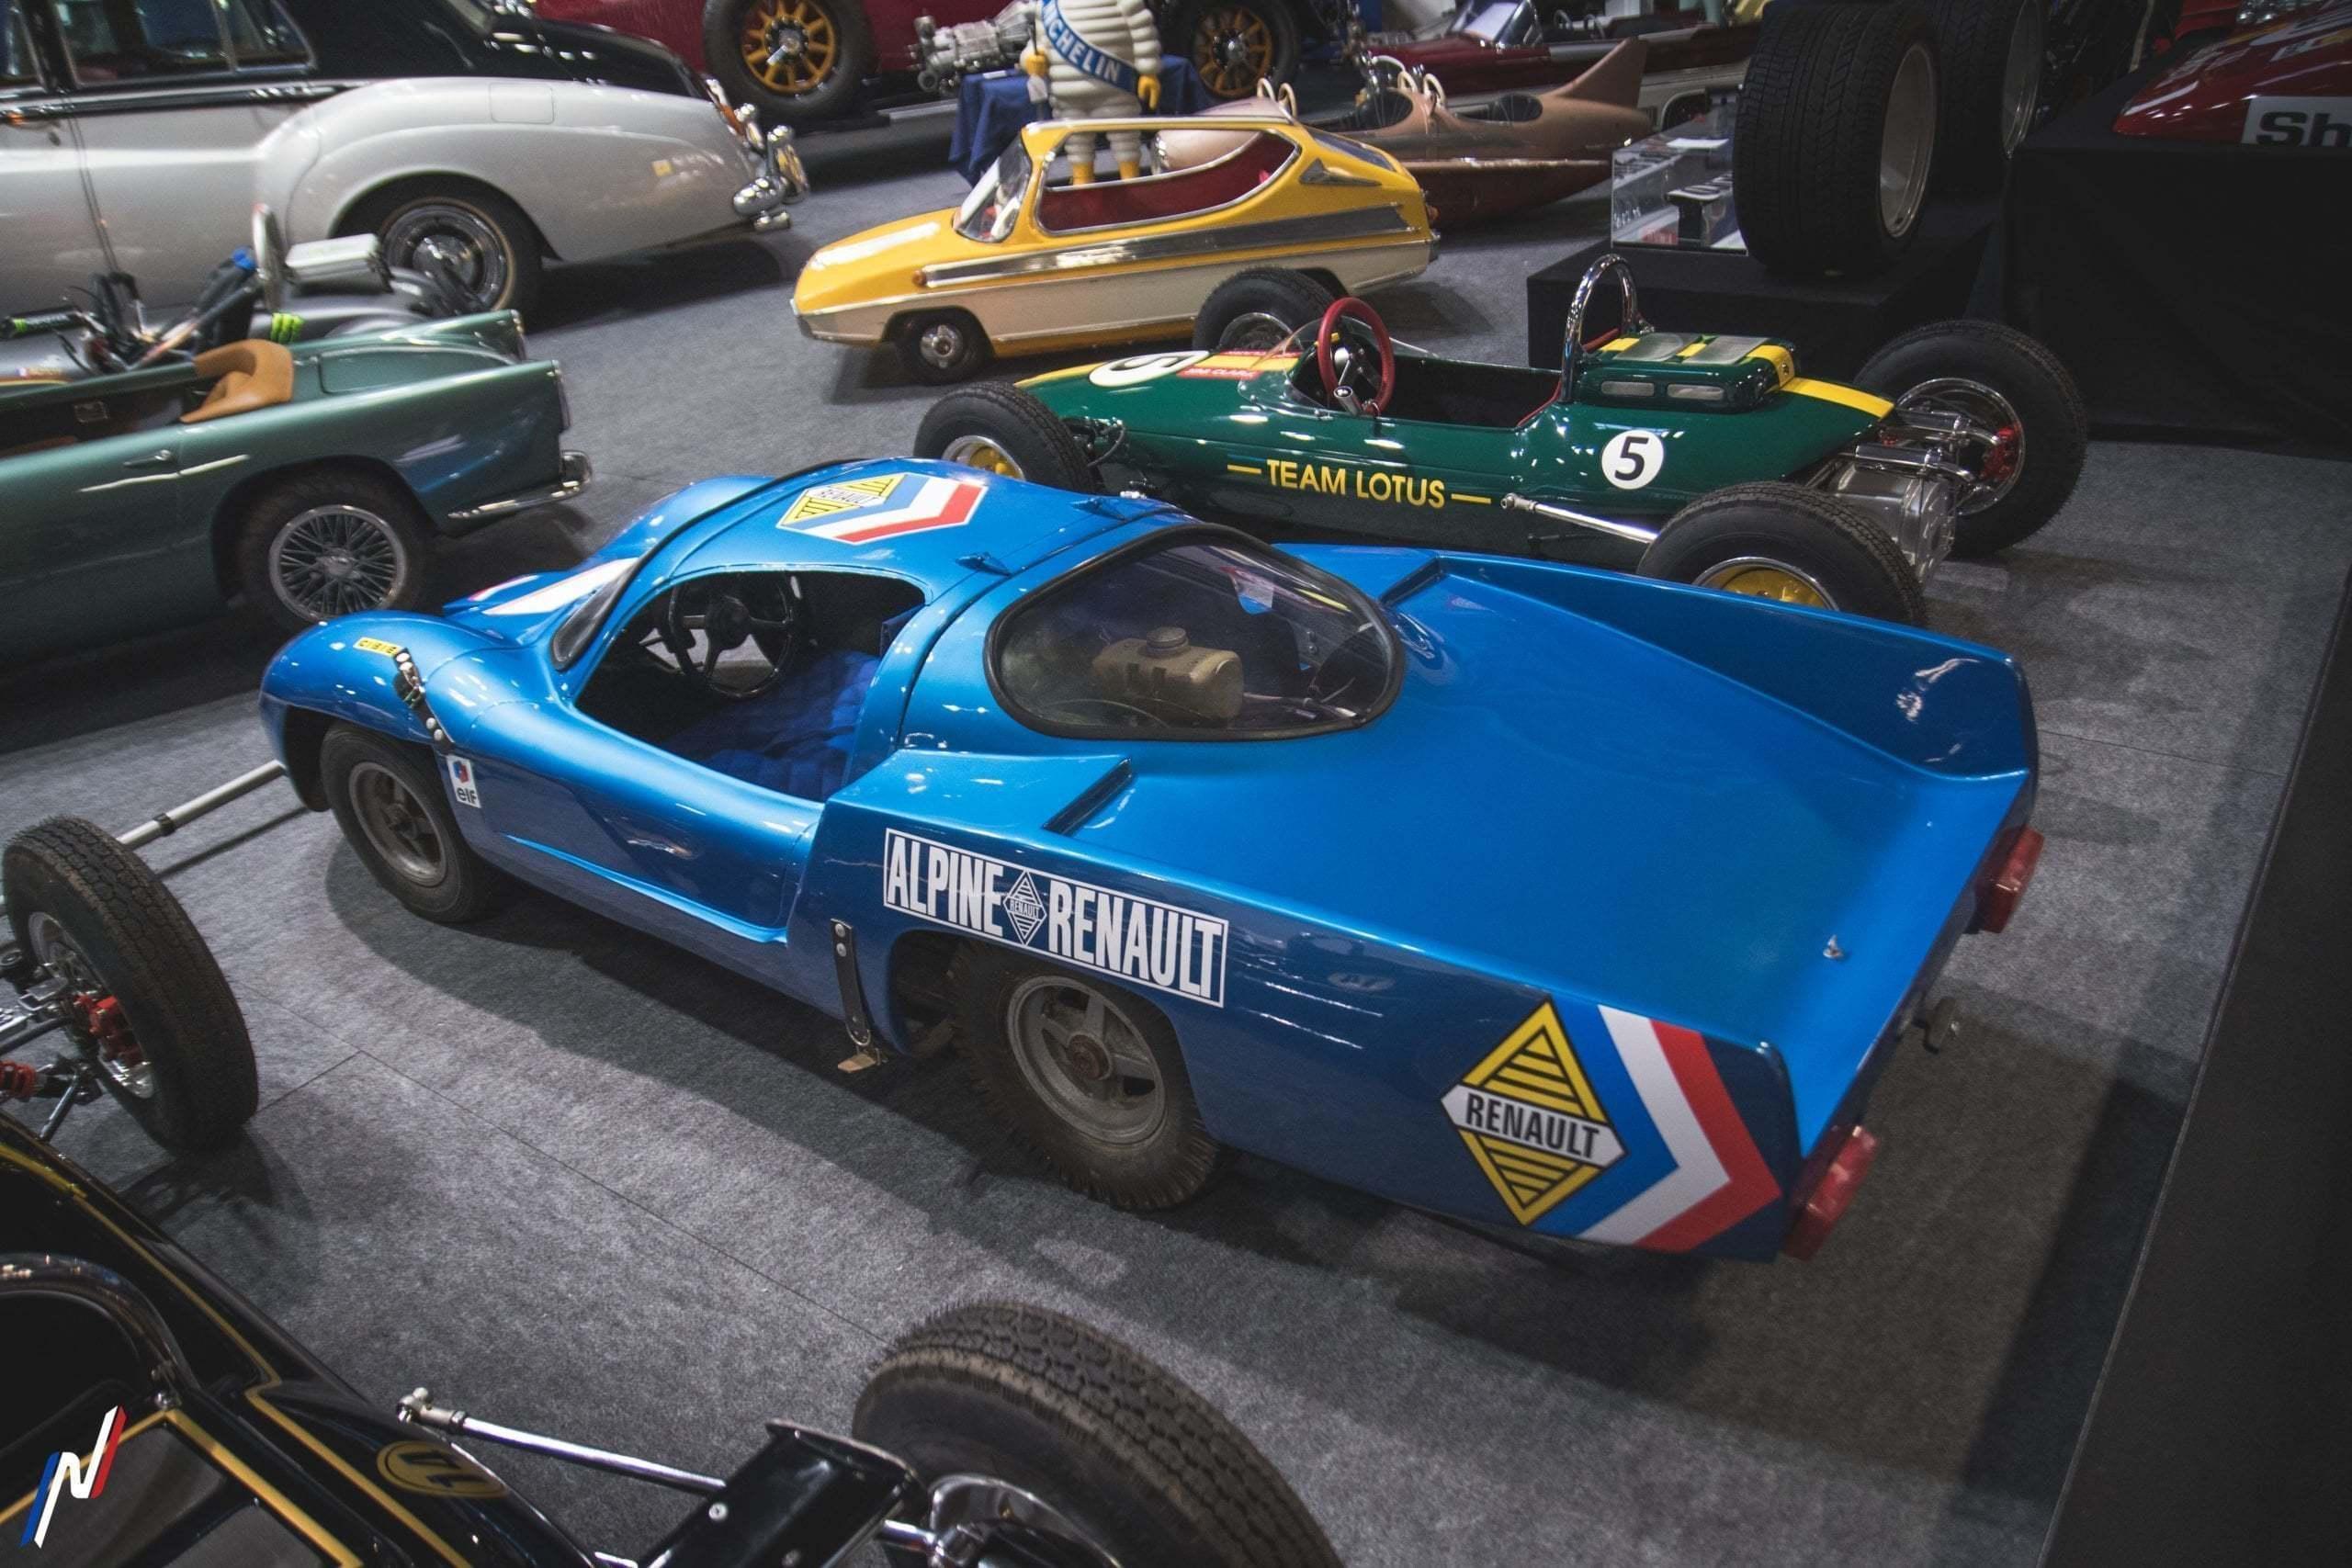 Rétromobile 2020: les Alpine en présence 11